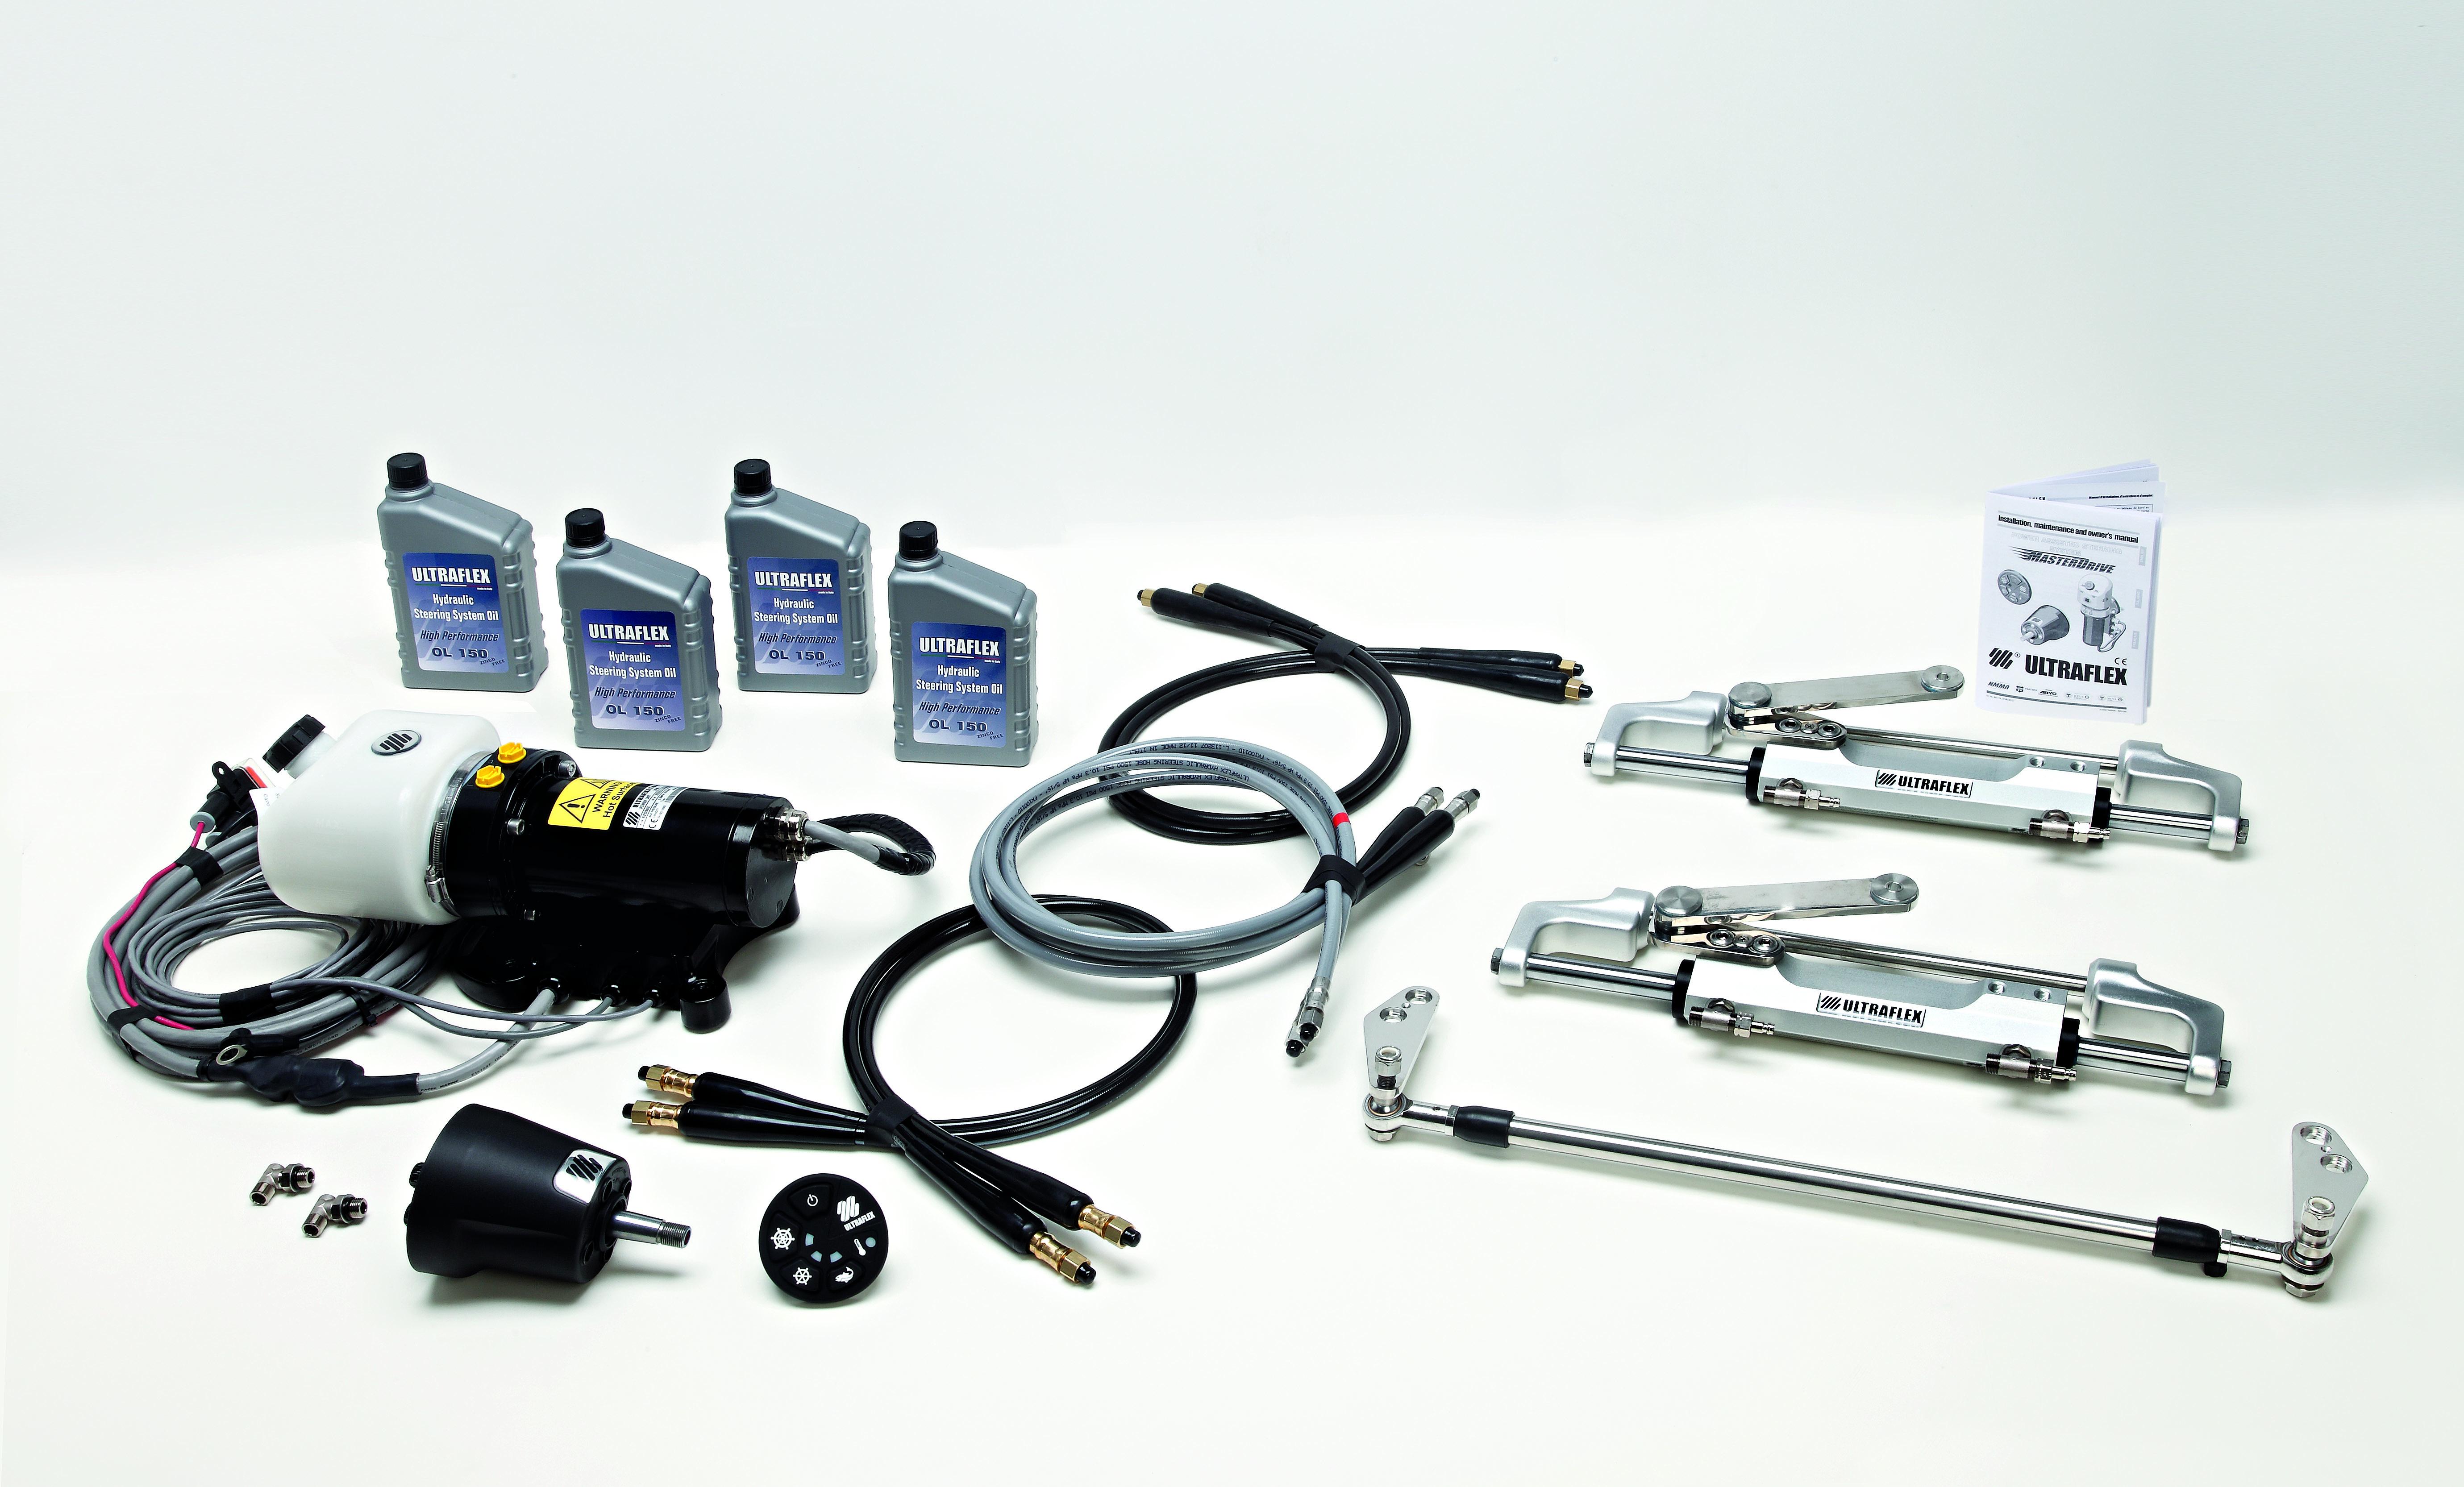 ULTRAFLEX - MasterDrive, nuova timoneria elettroidraulica